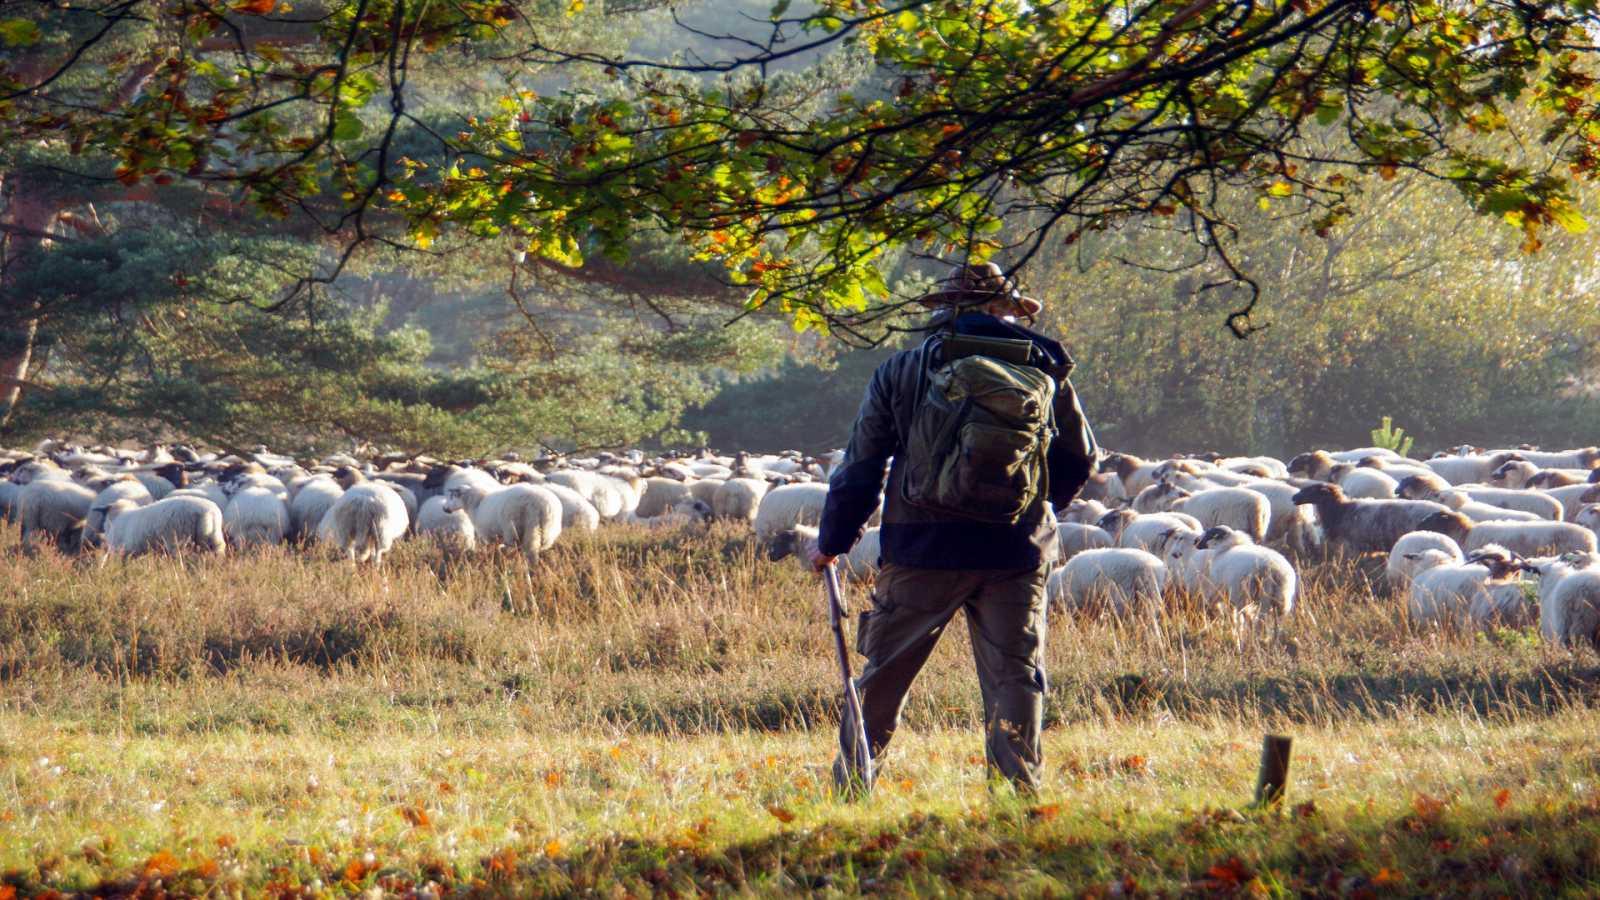 Contando cuentos - El pastor - Capítulo 2 - 04/02/21 - Escuchar ahora